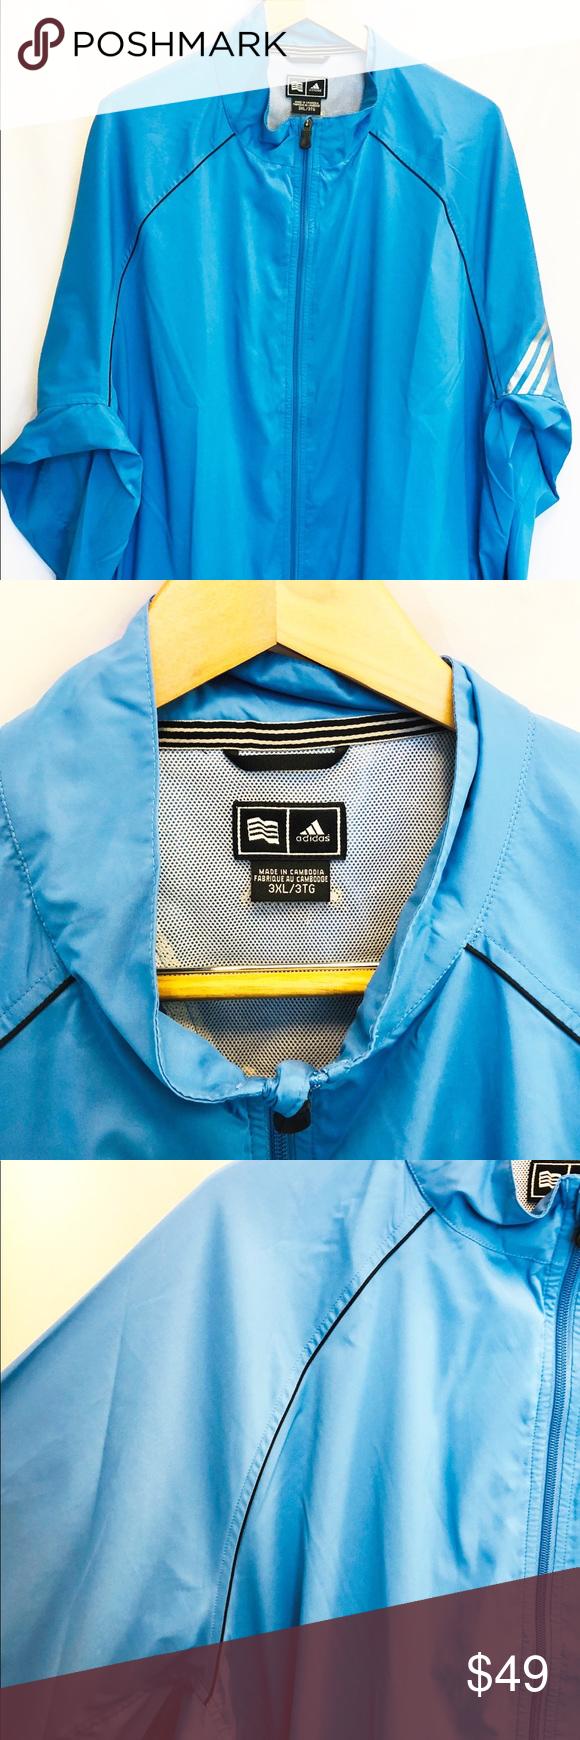 Details about NEW! Adidas Hoodie Sweatshirt Men's Dark Blue 3X 3XL